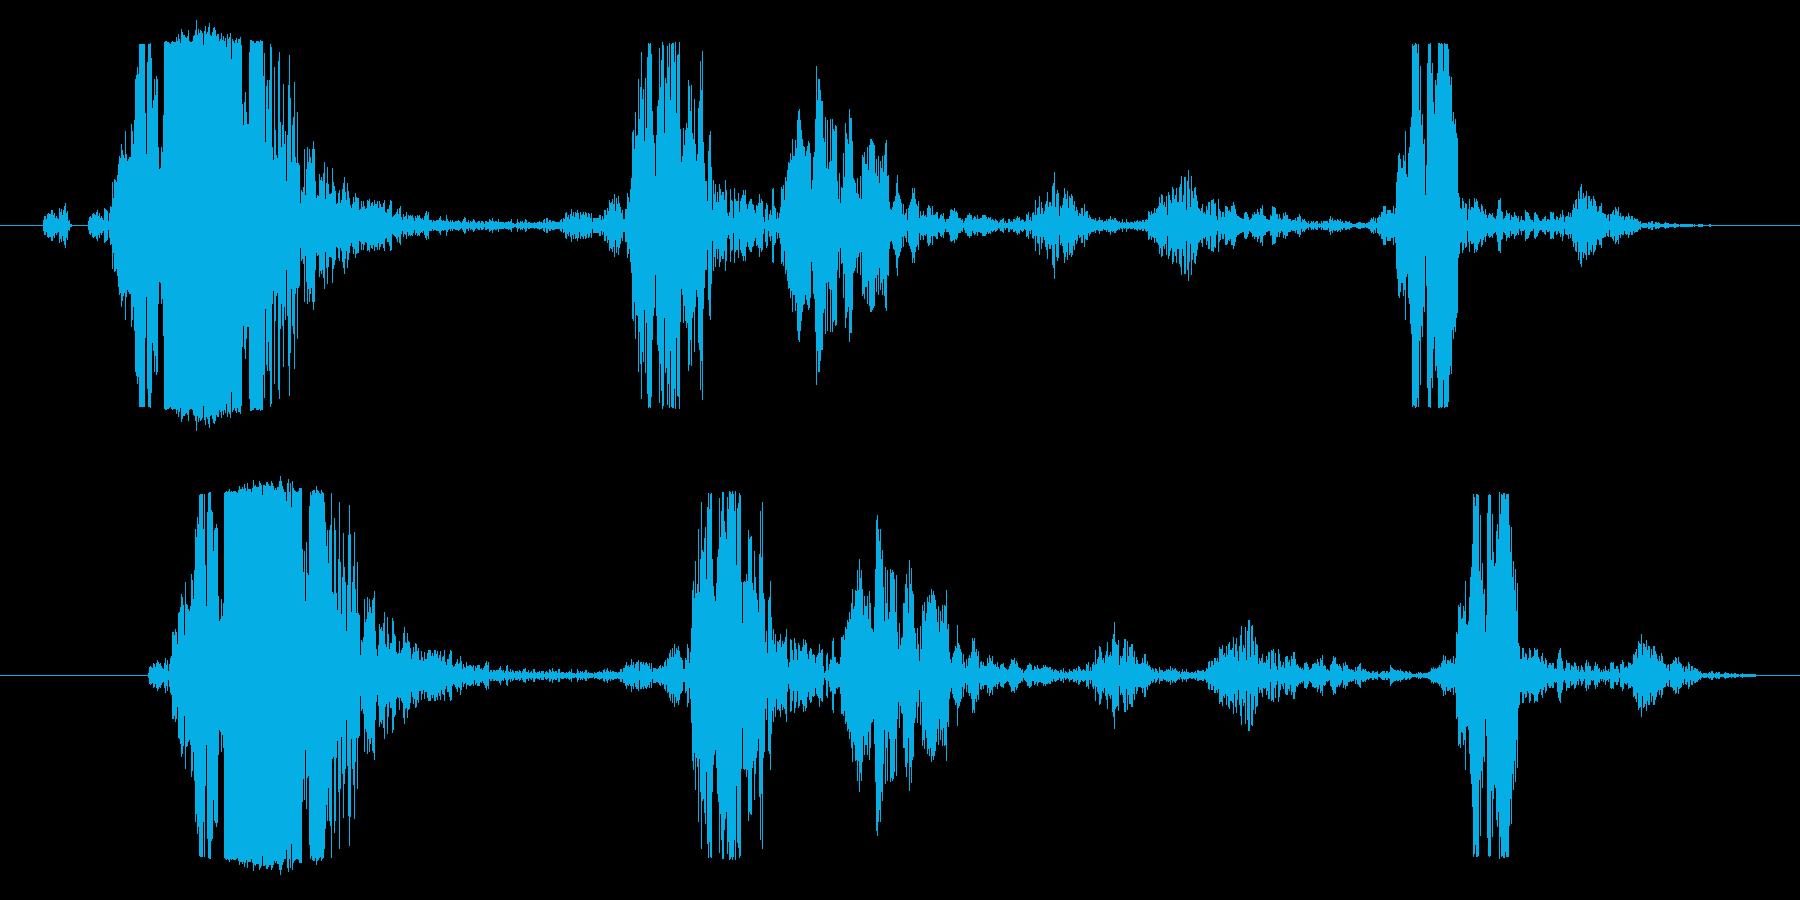 鞭や攻撃、ヌンチャク等の風切り音に最適!の再生済みの波形